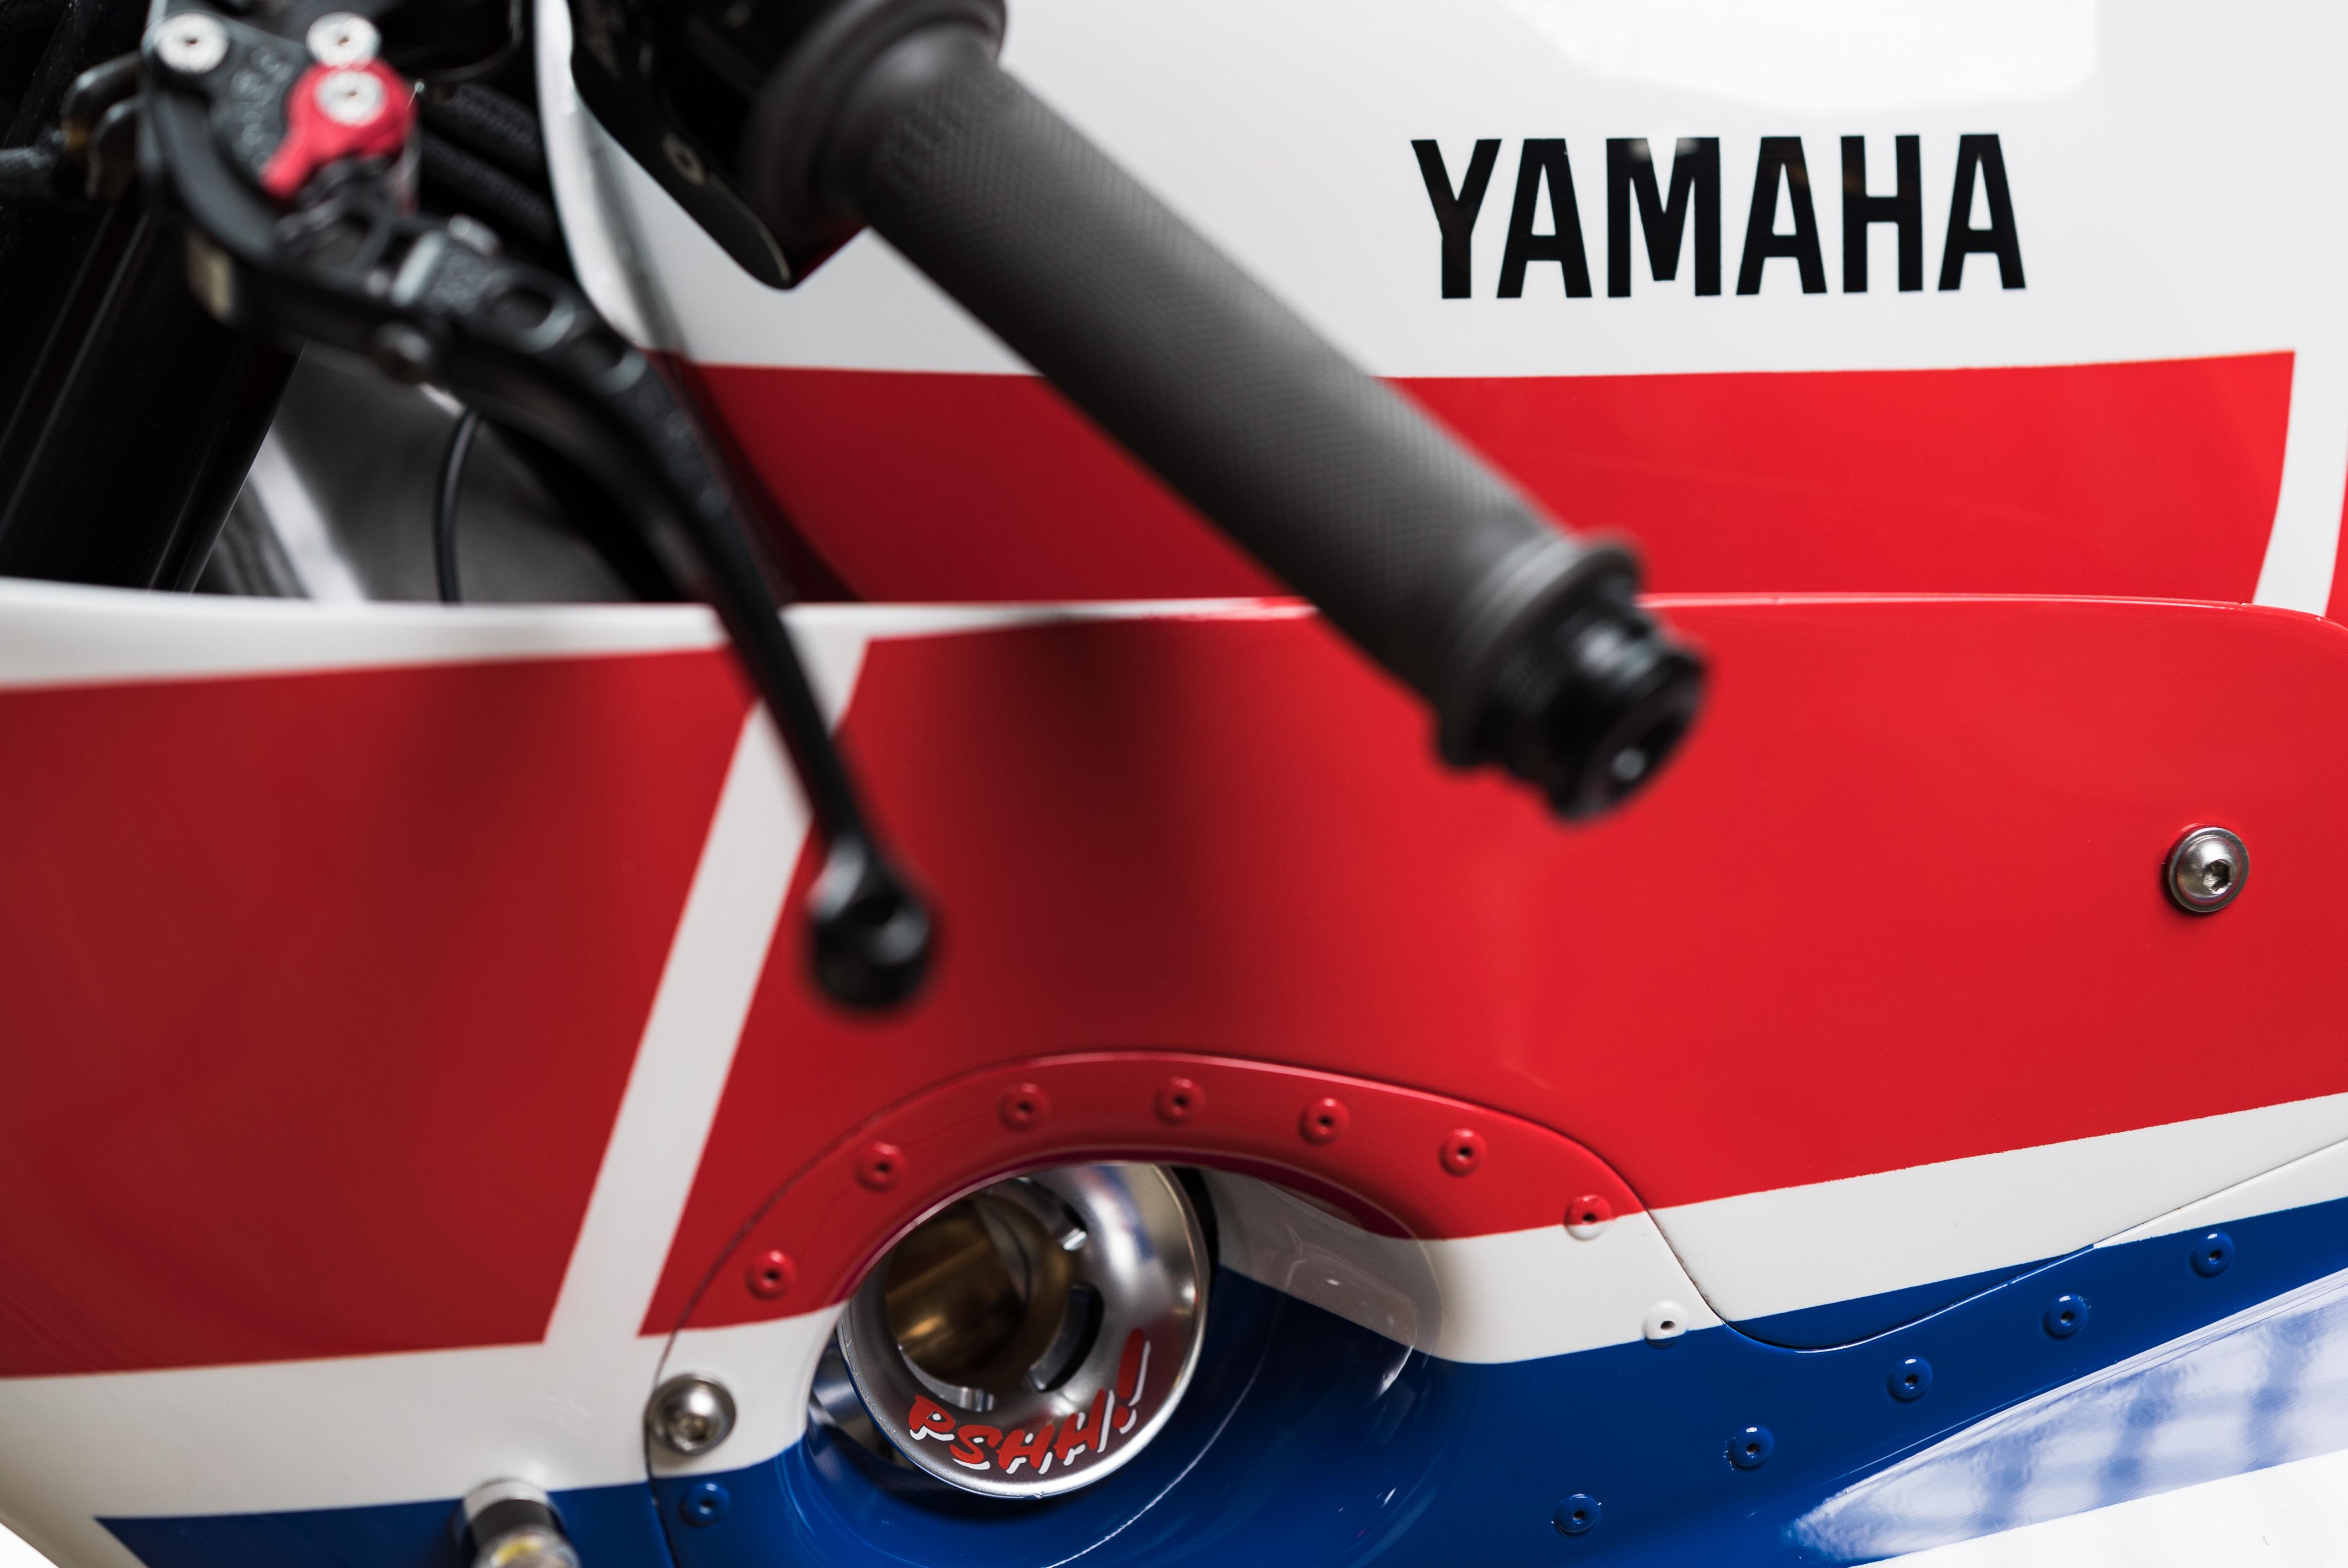 Yamaha XJ750 Maxim turbo